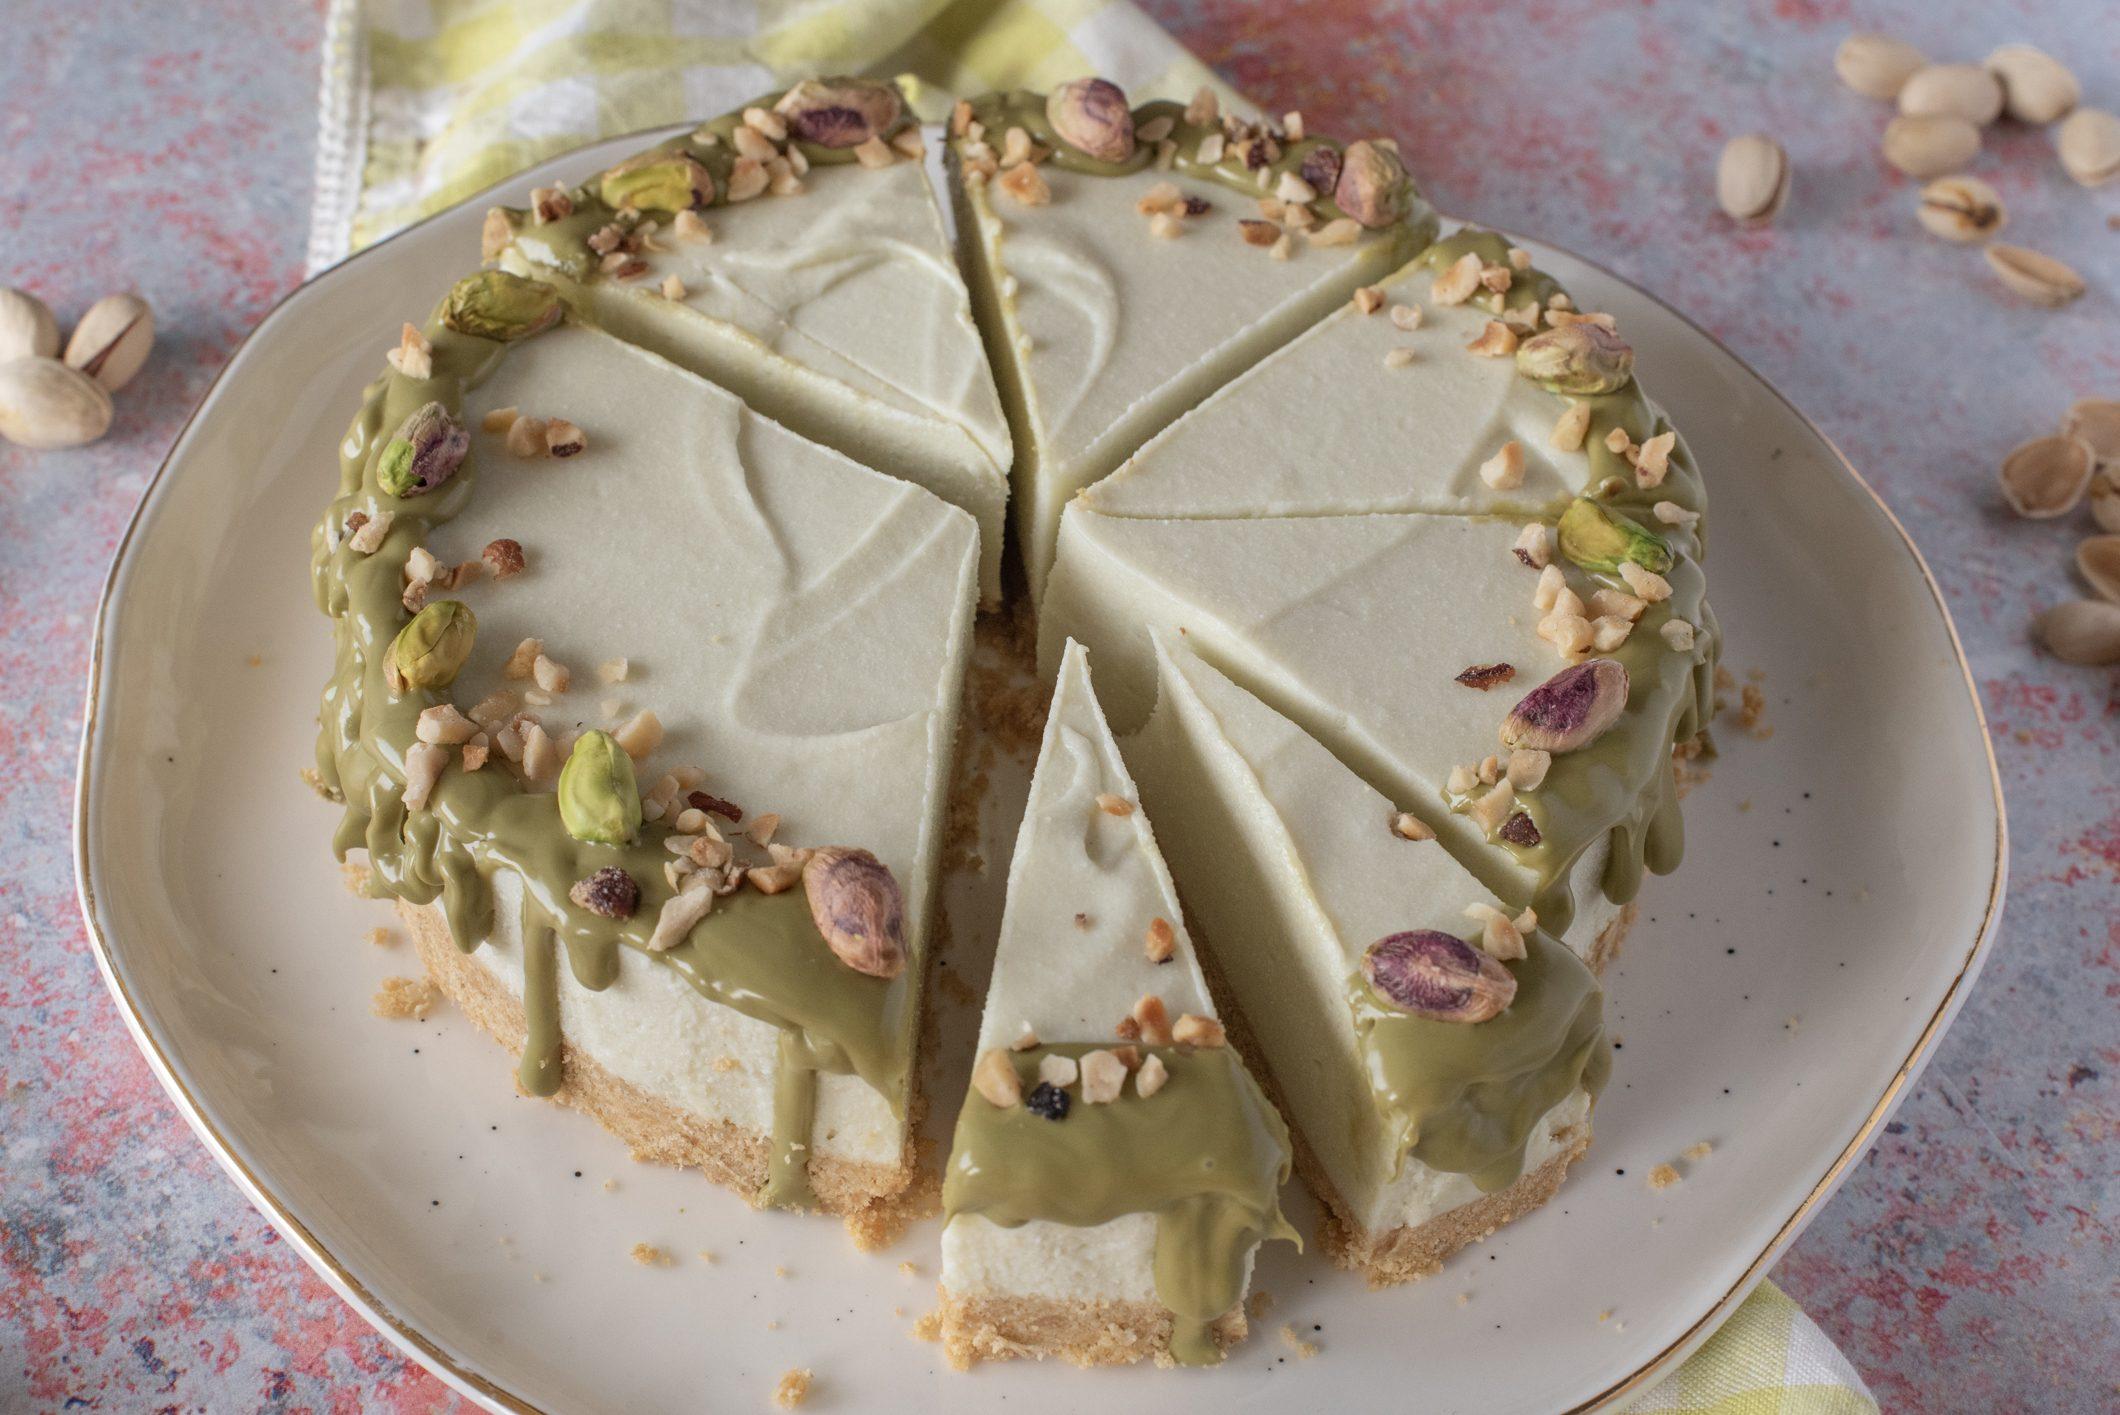 Cheesecake al pistacchio: la ricetta del dessert al cucchiaio fresco e cremoso